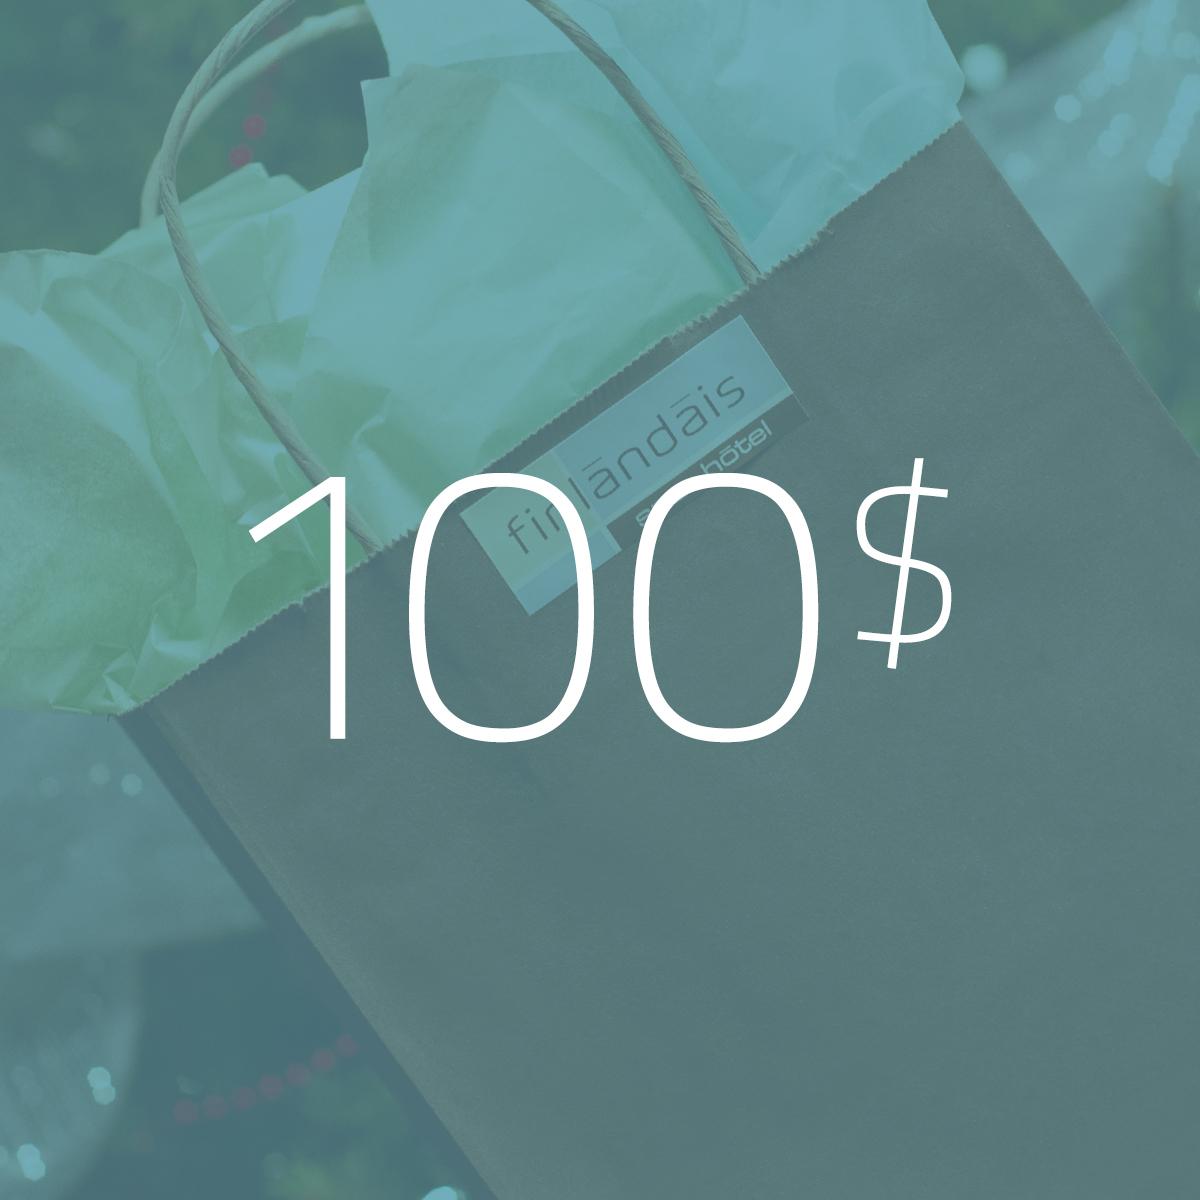 Les carte cadeau de 100$ du Finlandais